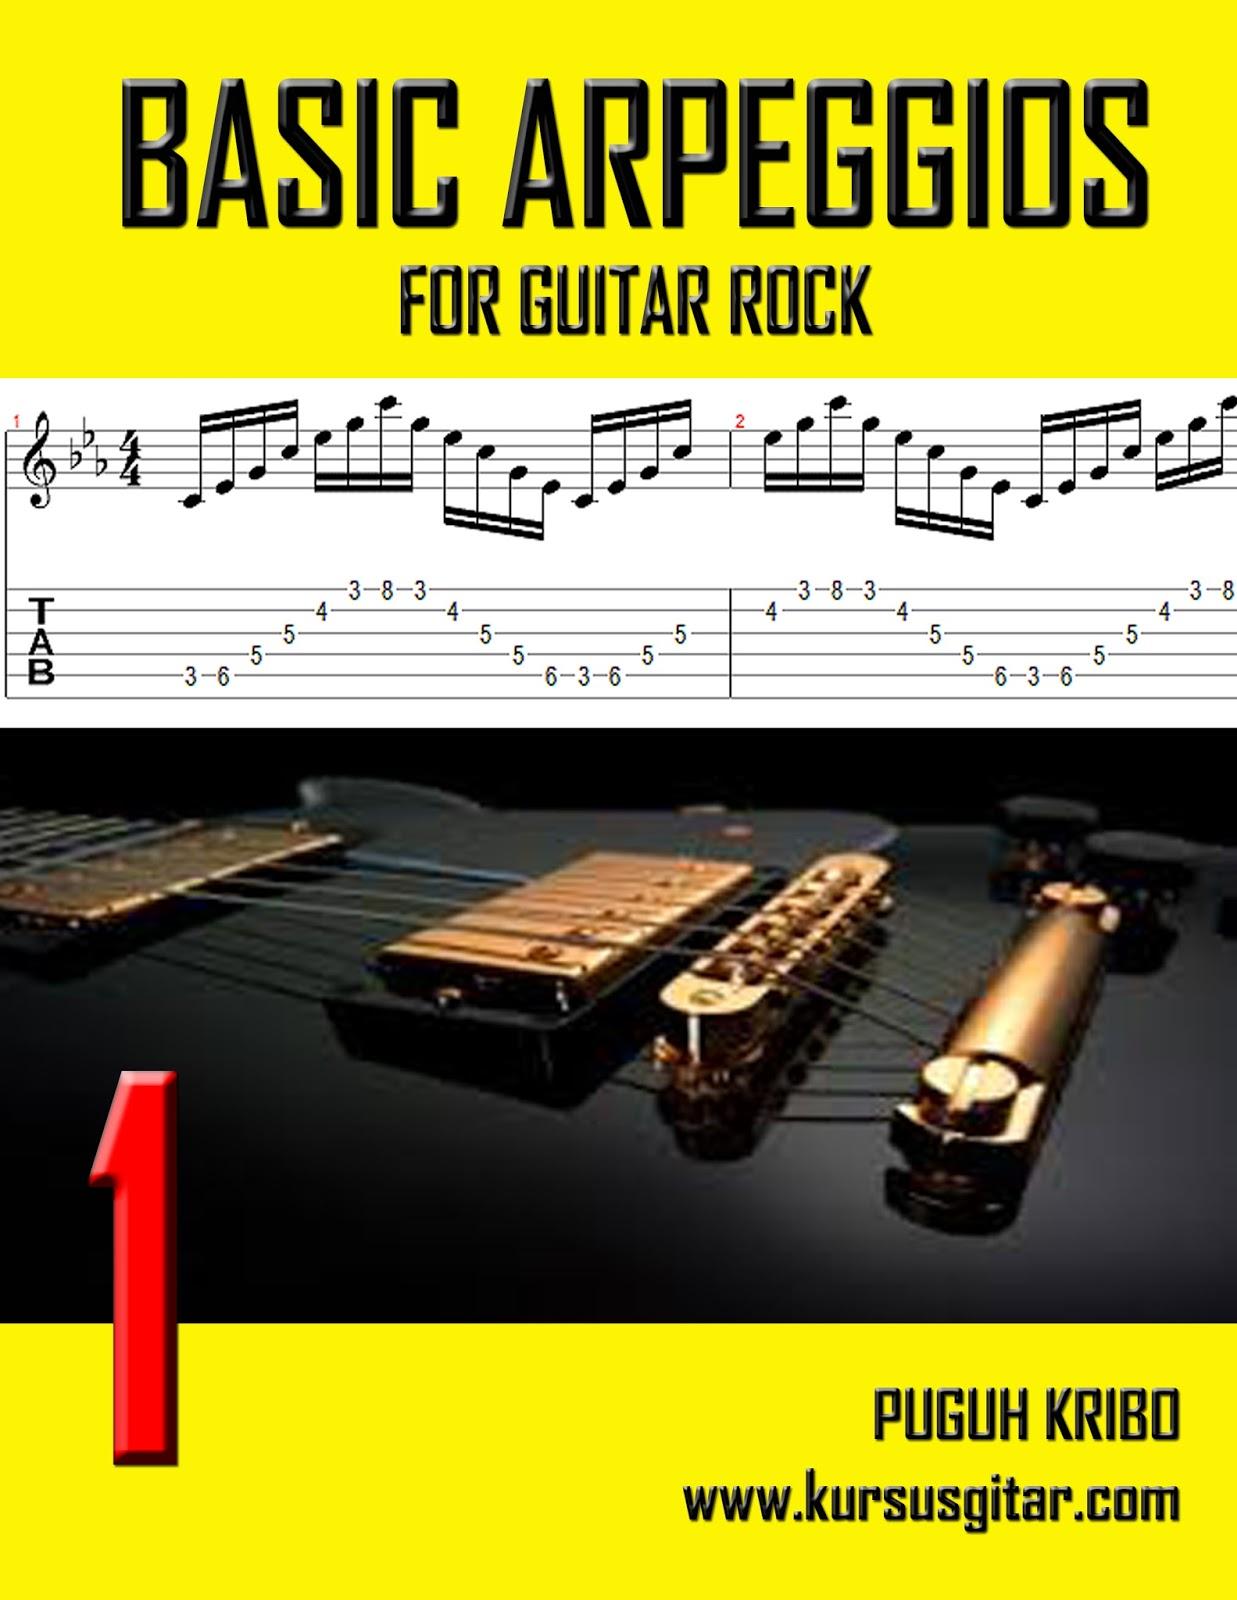 Puguh Kribo | Les gitar | Kursus gitar | Belajar Gitar